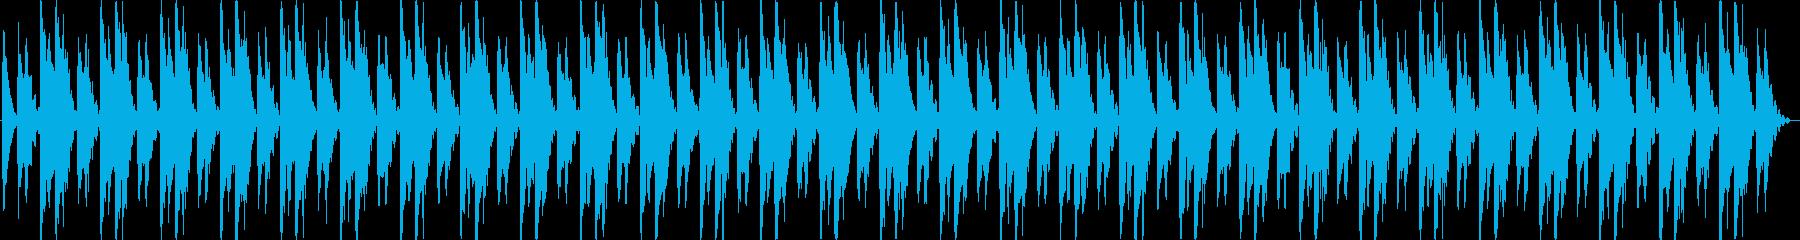 シーケンス 面白いシンセシーケンス03の再生済みの波形